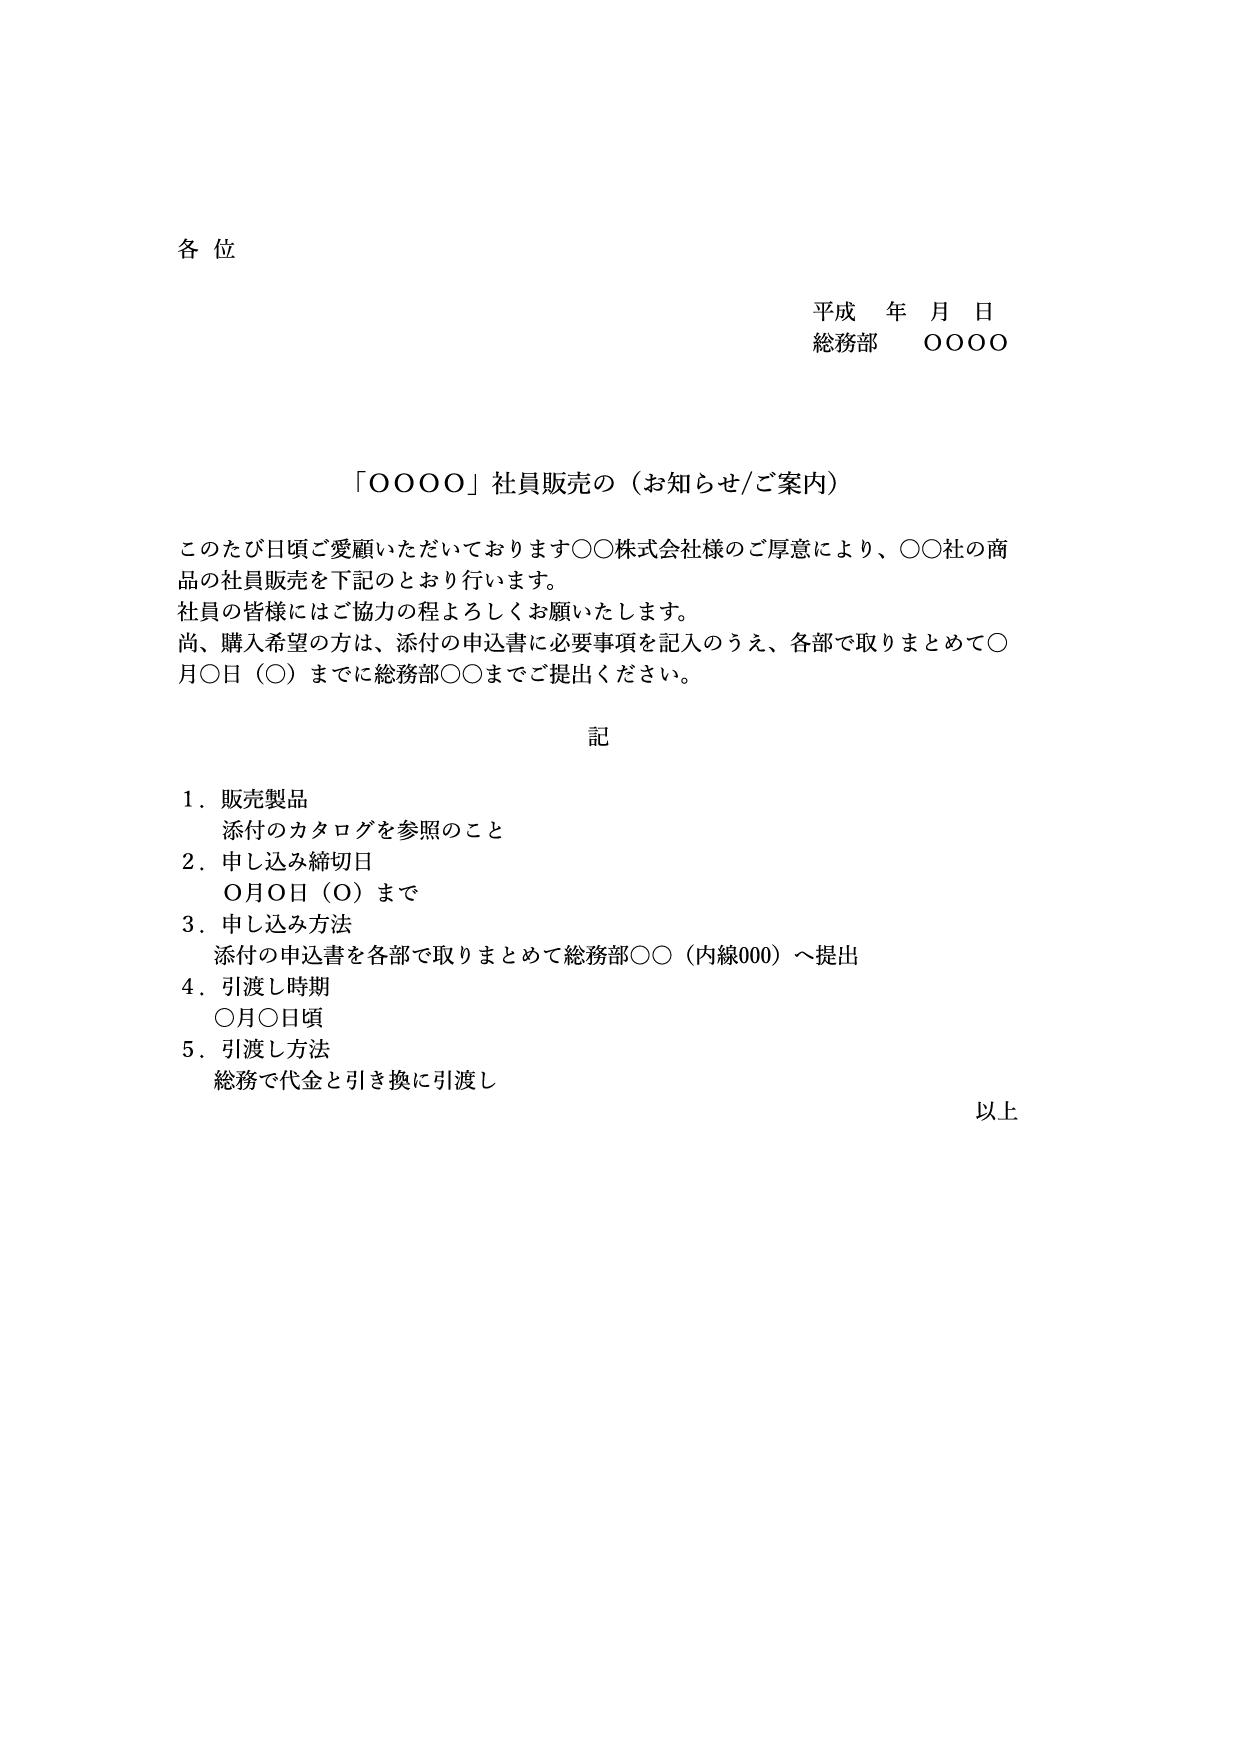 通知書テンプレート総務連絡『社販』(ワード・ページズ)